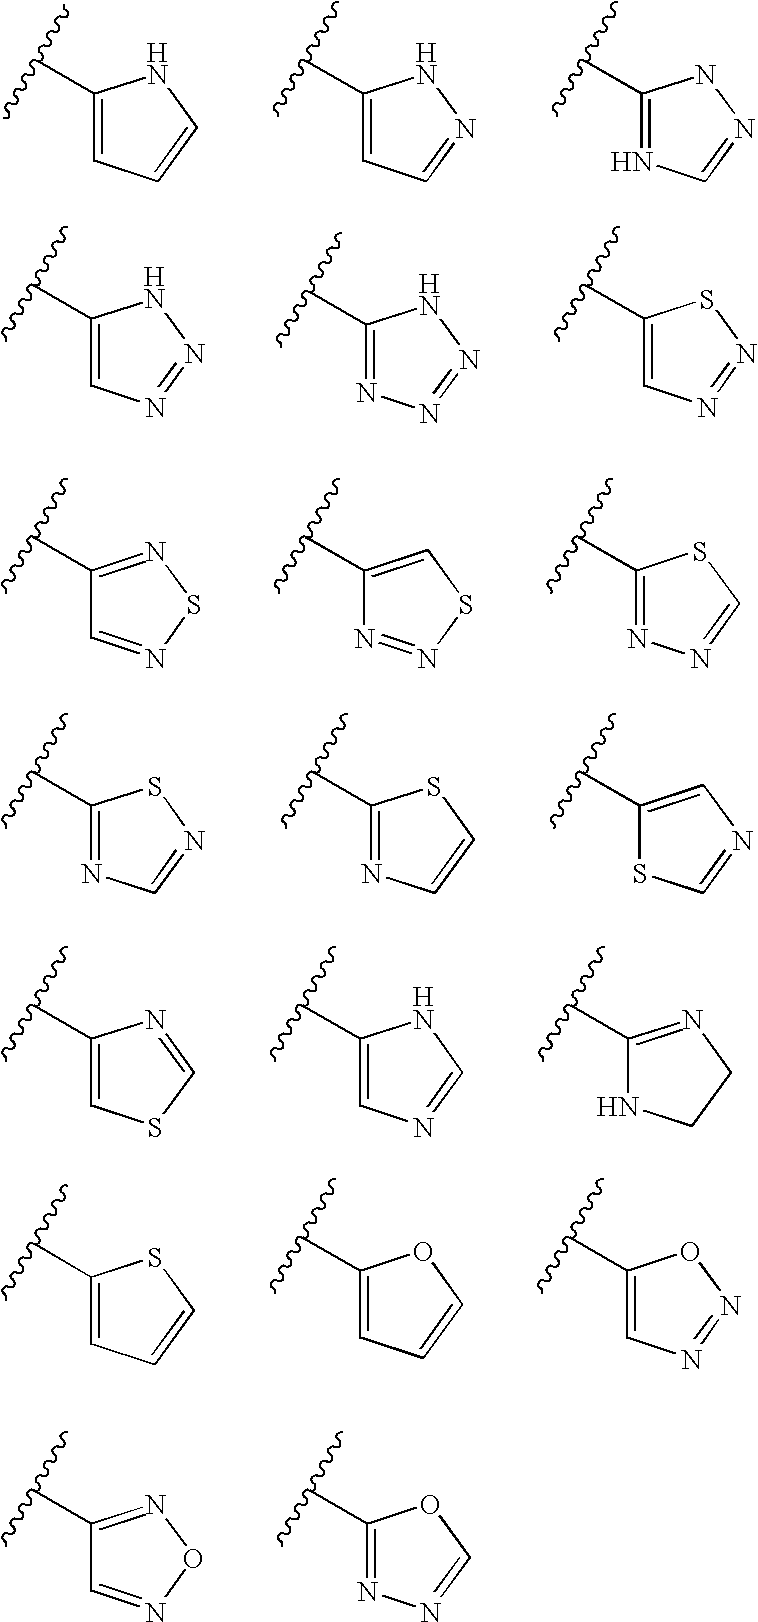 Figure US20040106630A1-20040603-C00004